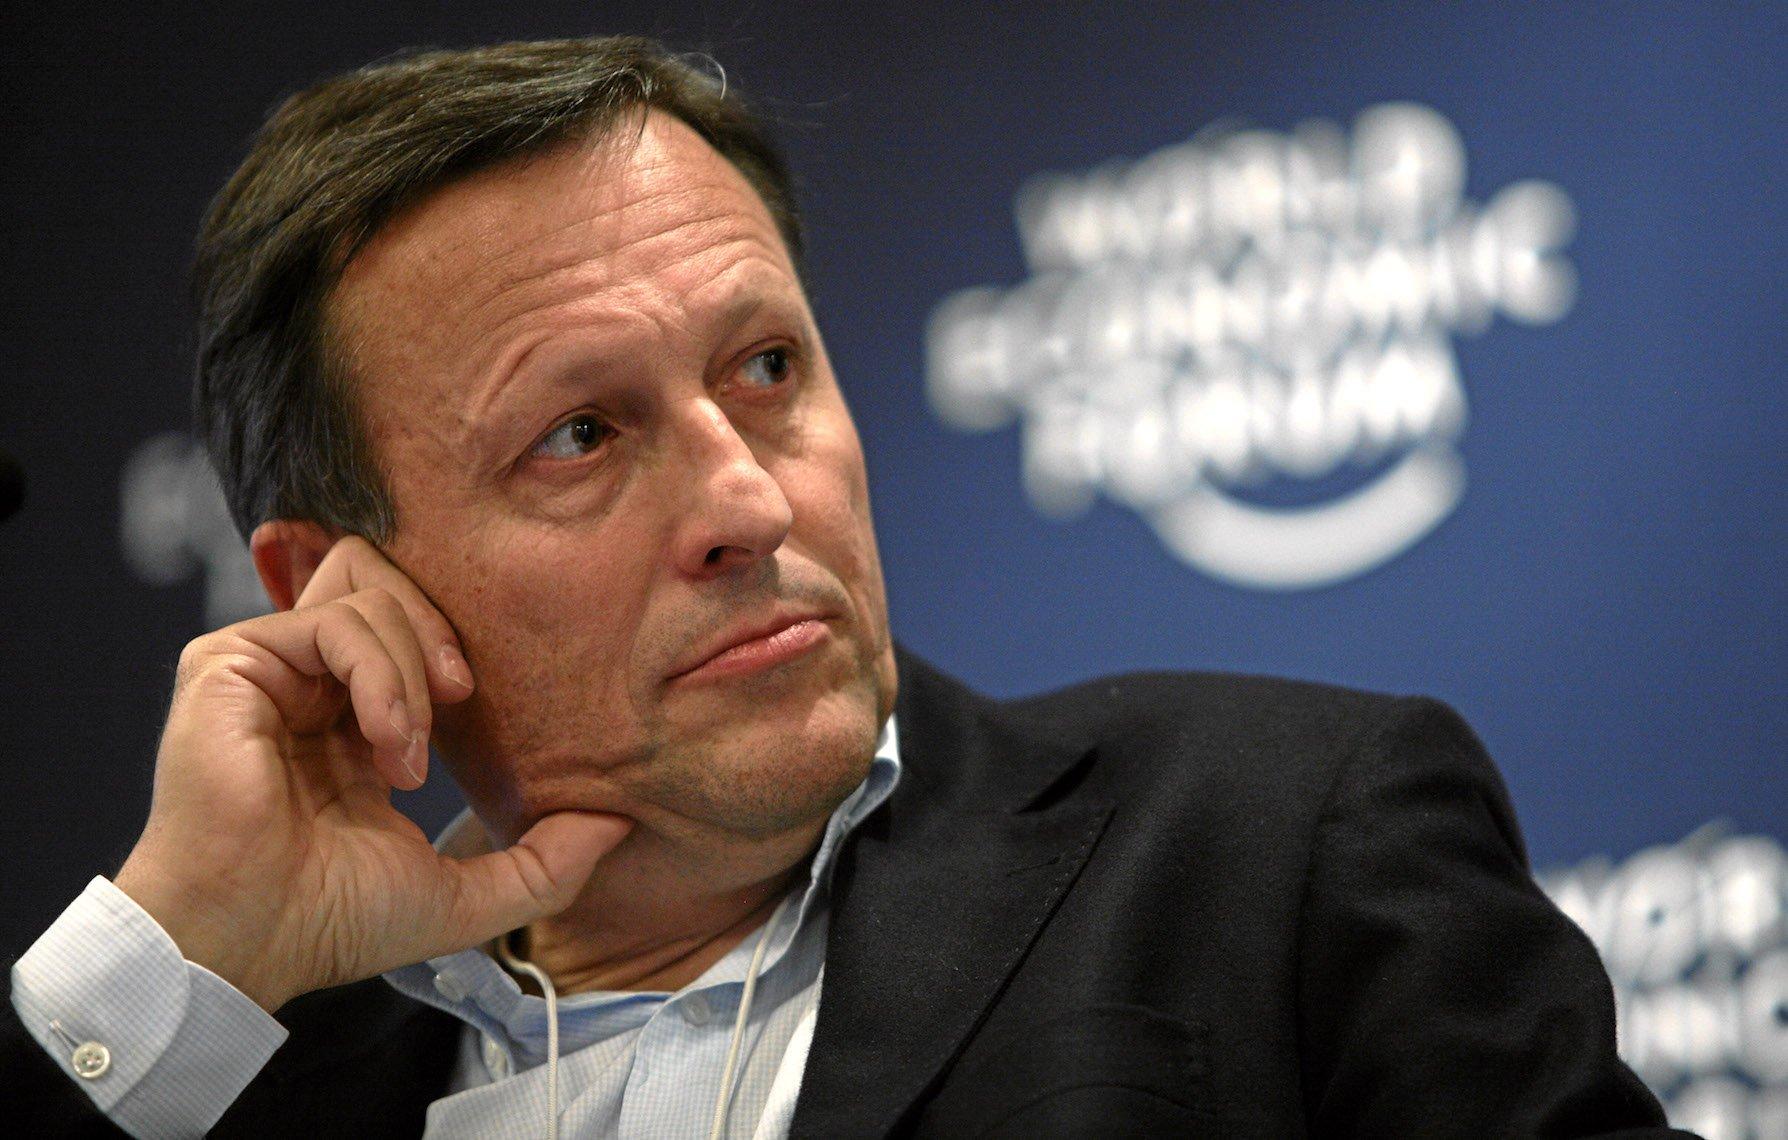 Daniel Vasella, 2010 als CEO von Novartis am World Economic Forum in Davos. Mittlerweile trägt er Bart.